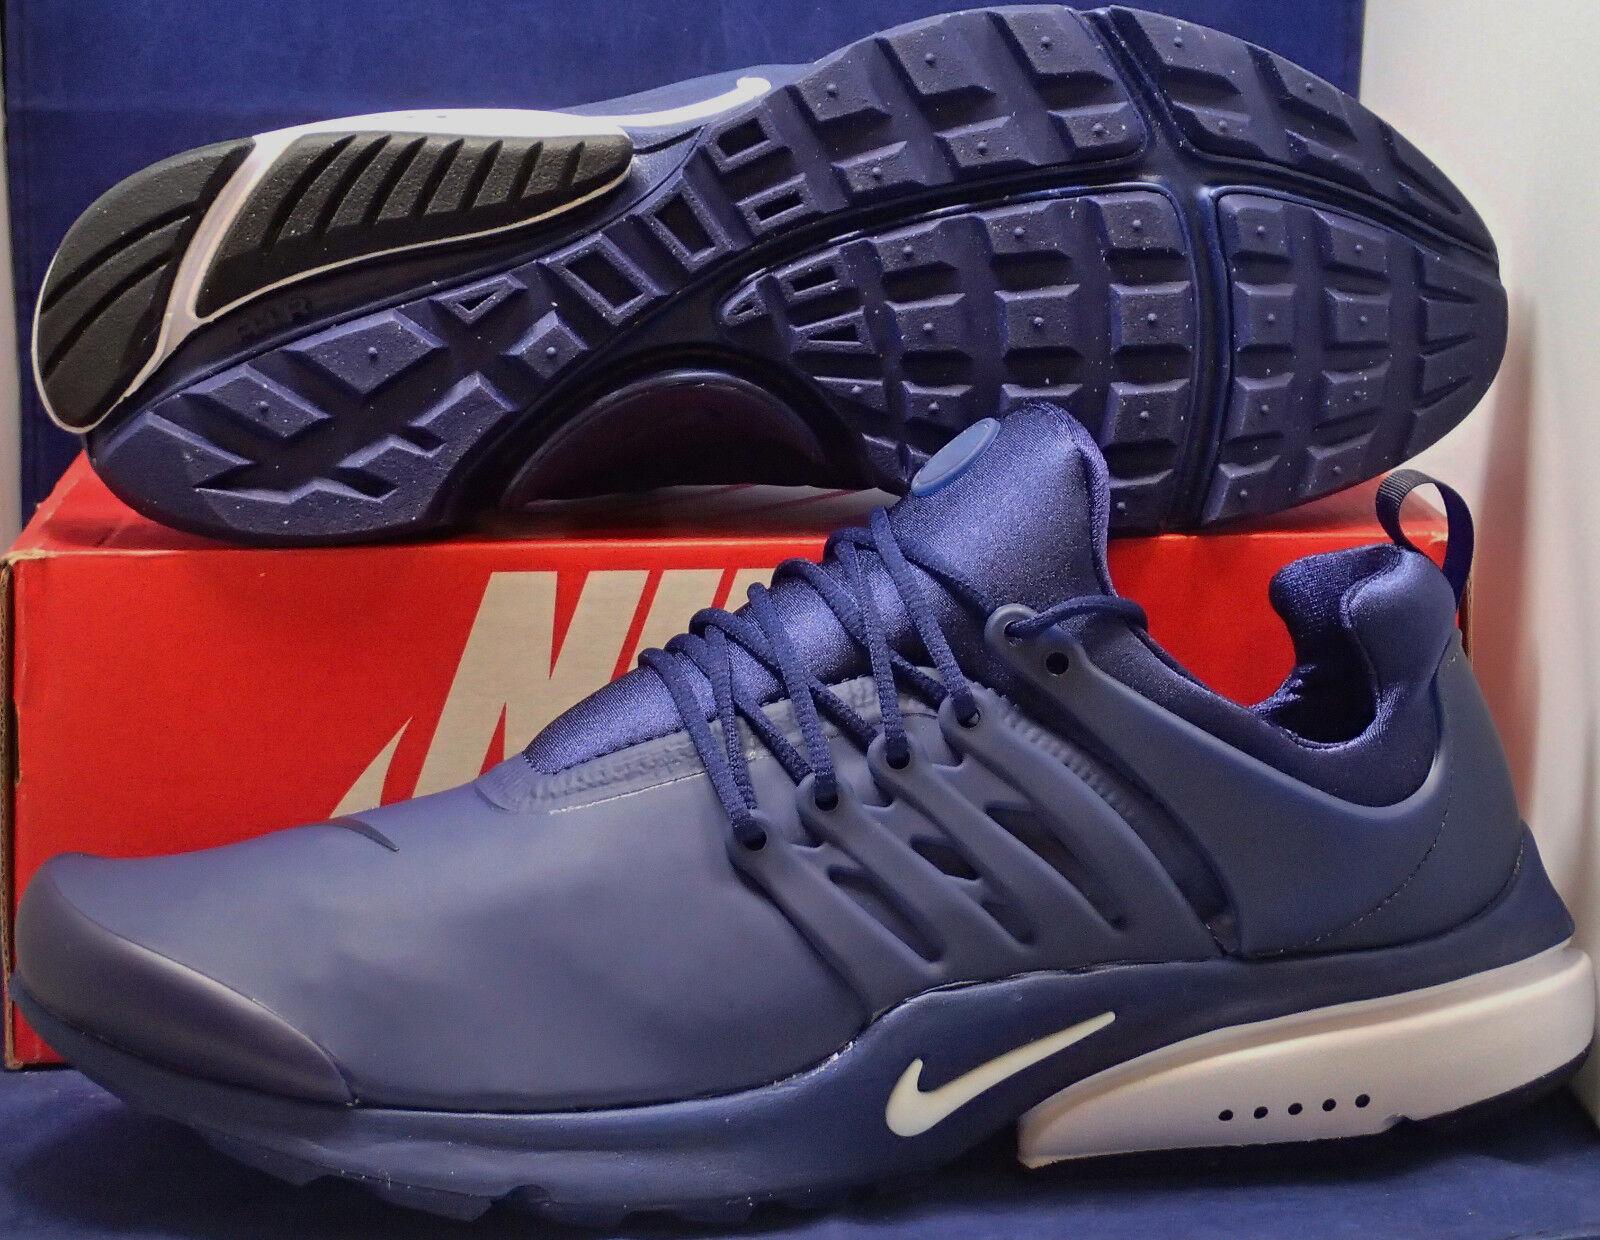 Nike Luft Luft Luft Presto Niedrig Utility Binary Blau Weiß Schwarz Größe 14 (862749-400) 7c747f